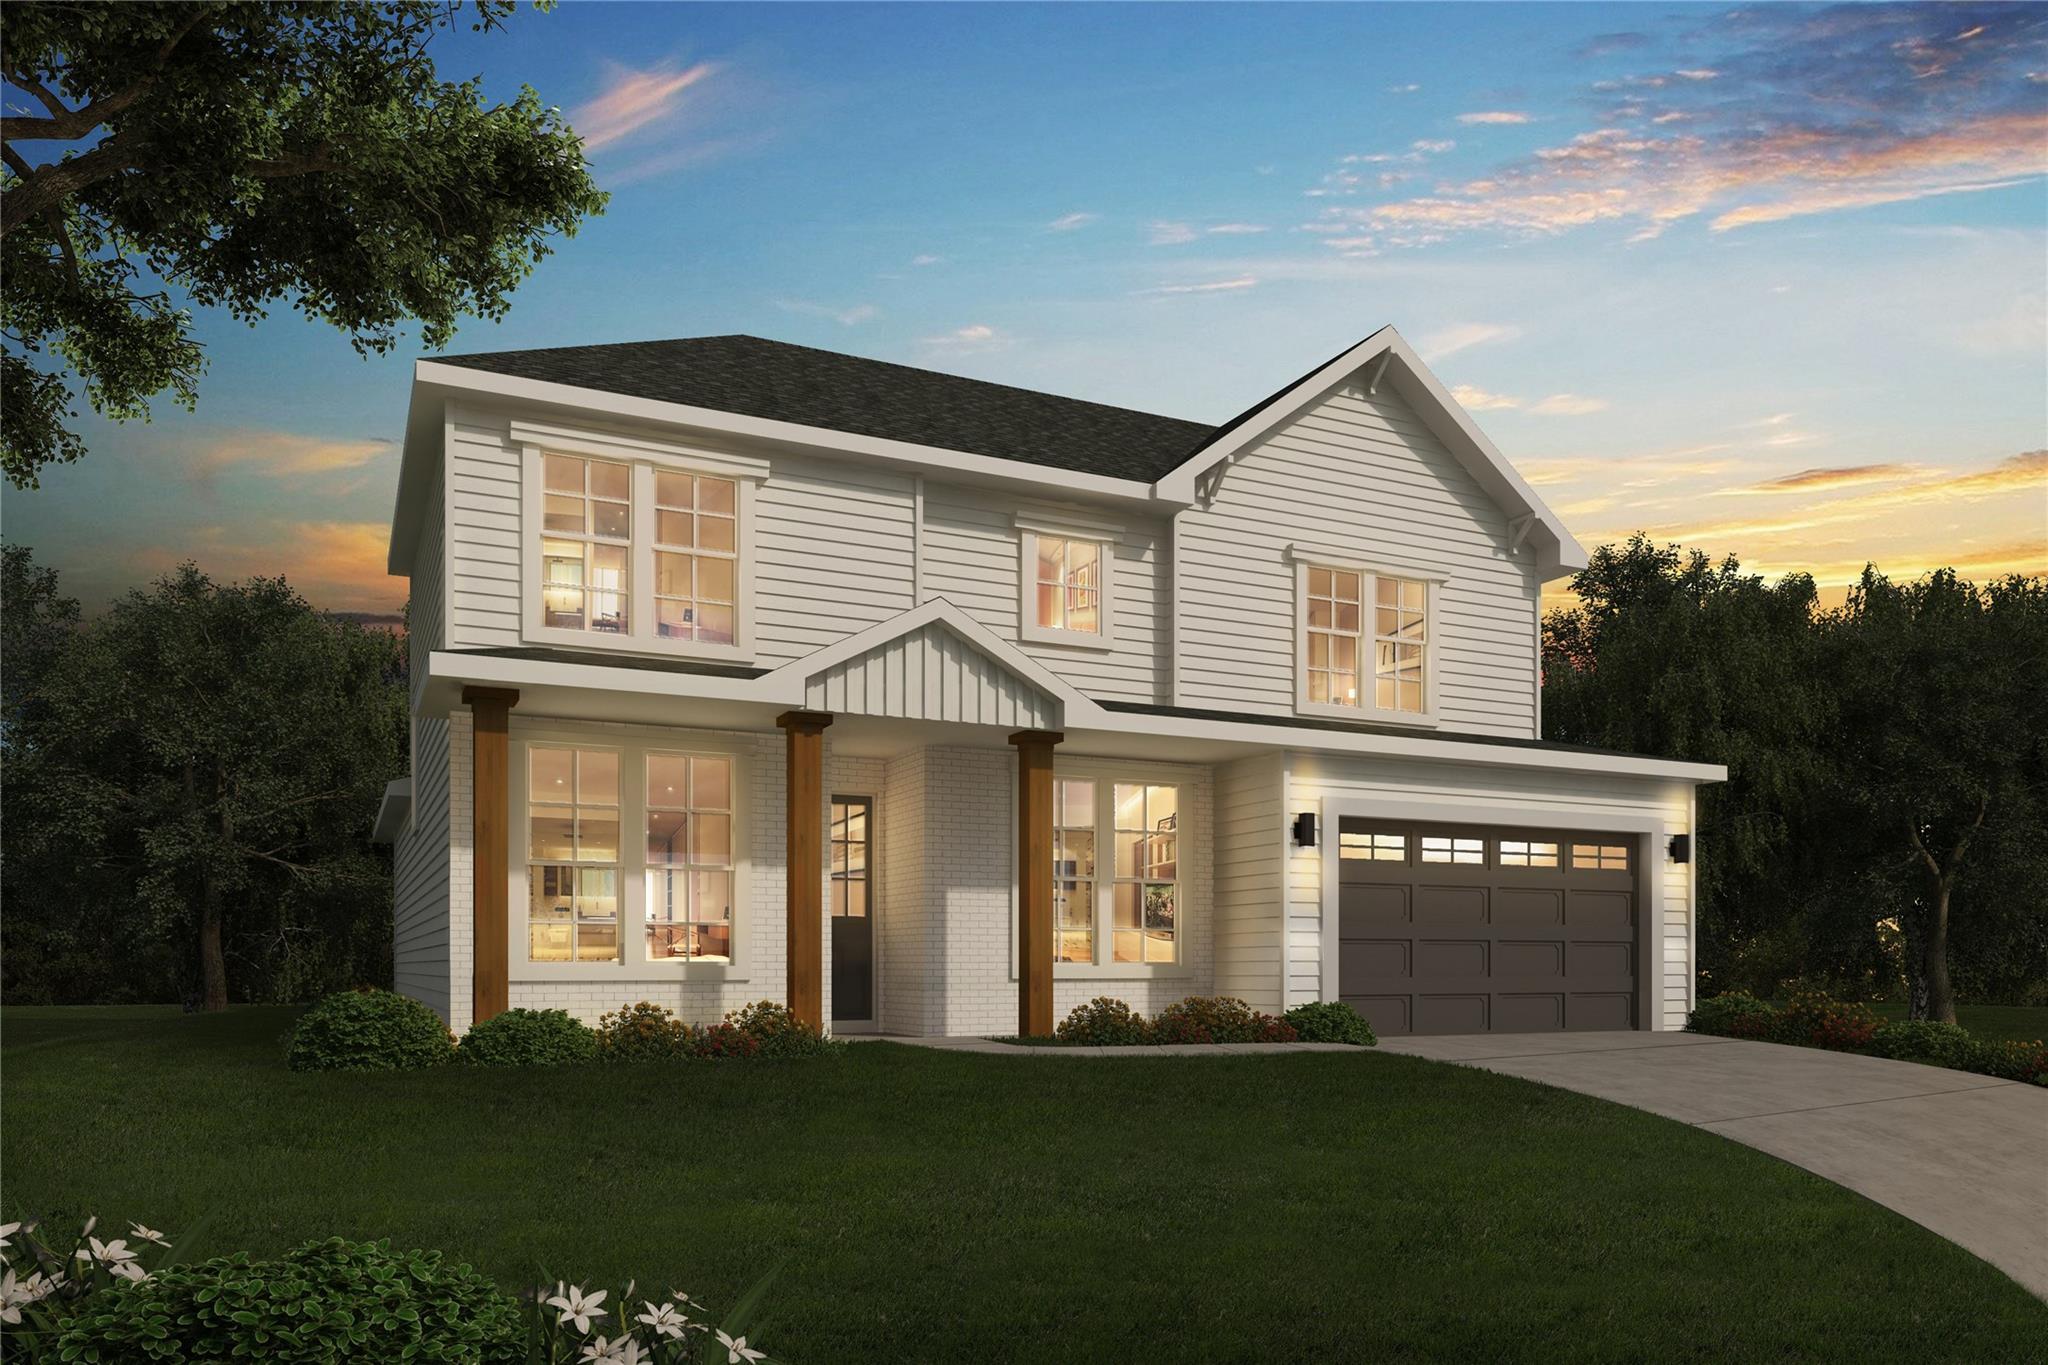 4516 De Lange Lane Property Photo - Houston, TX real estate listing